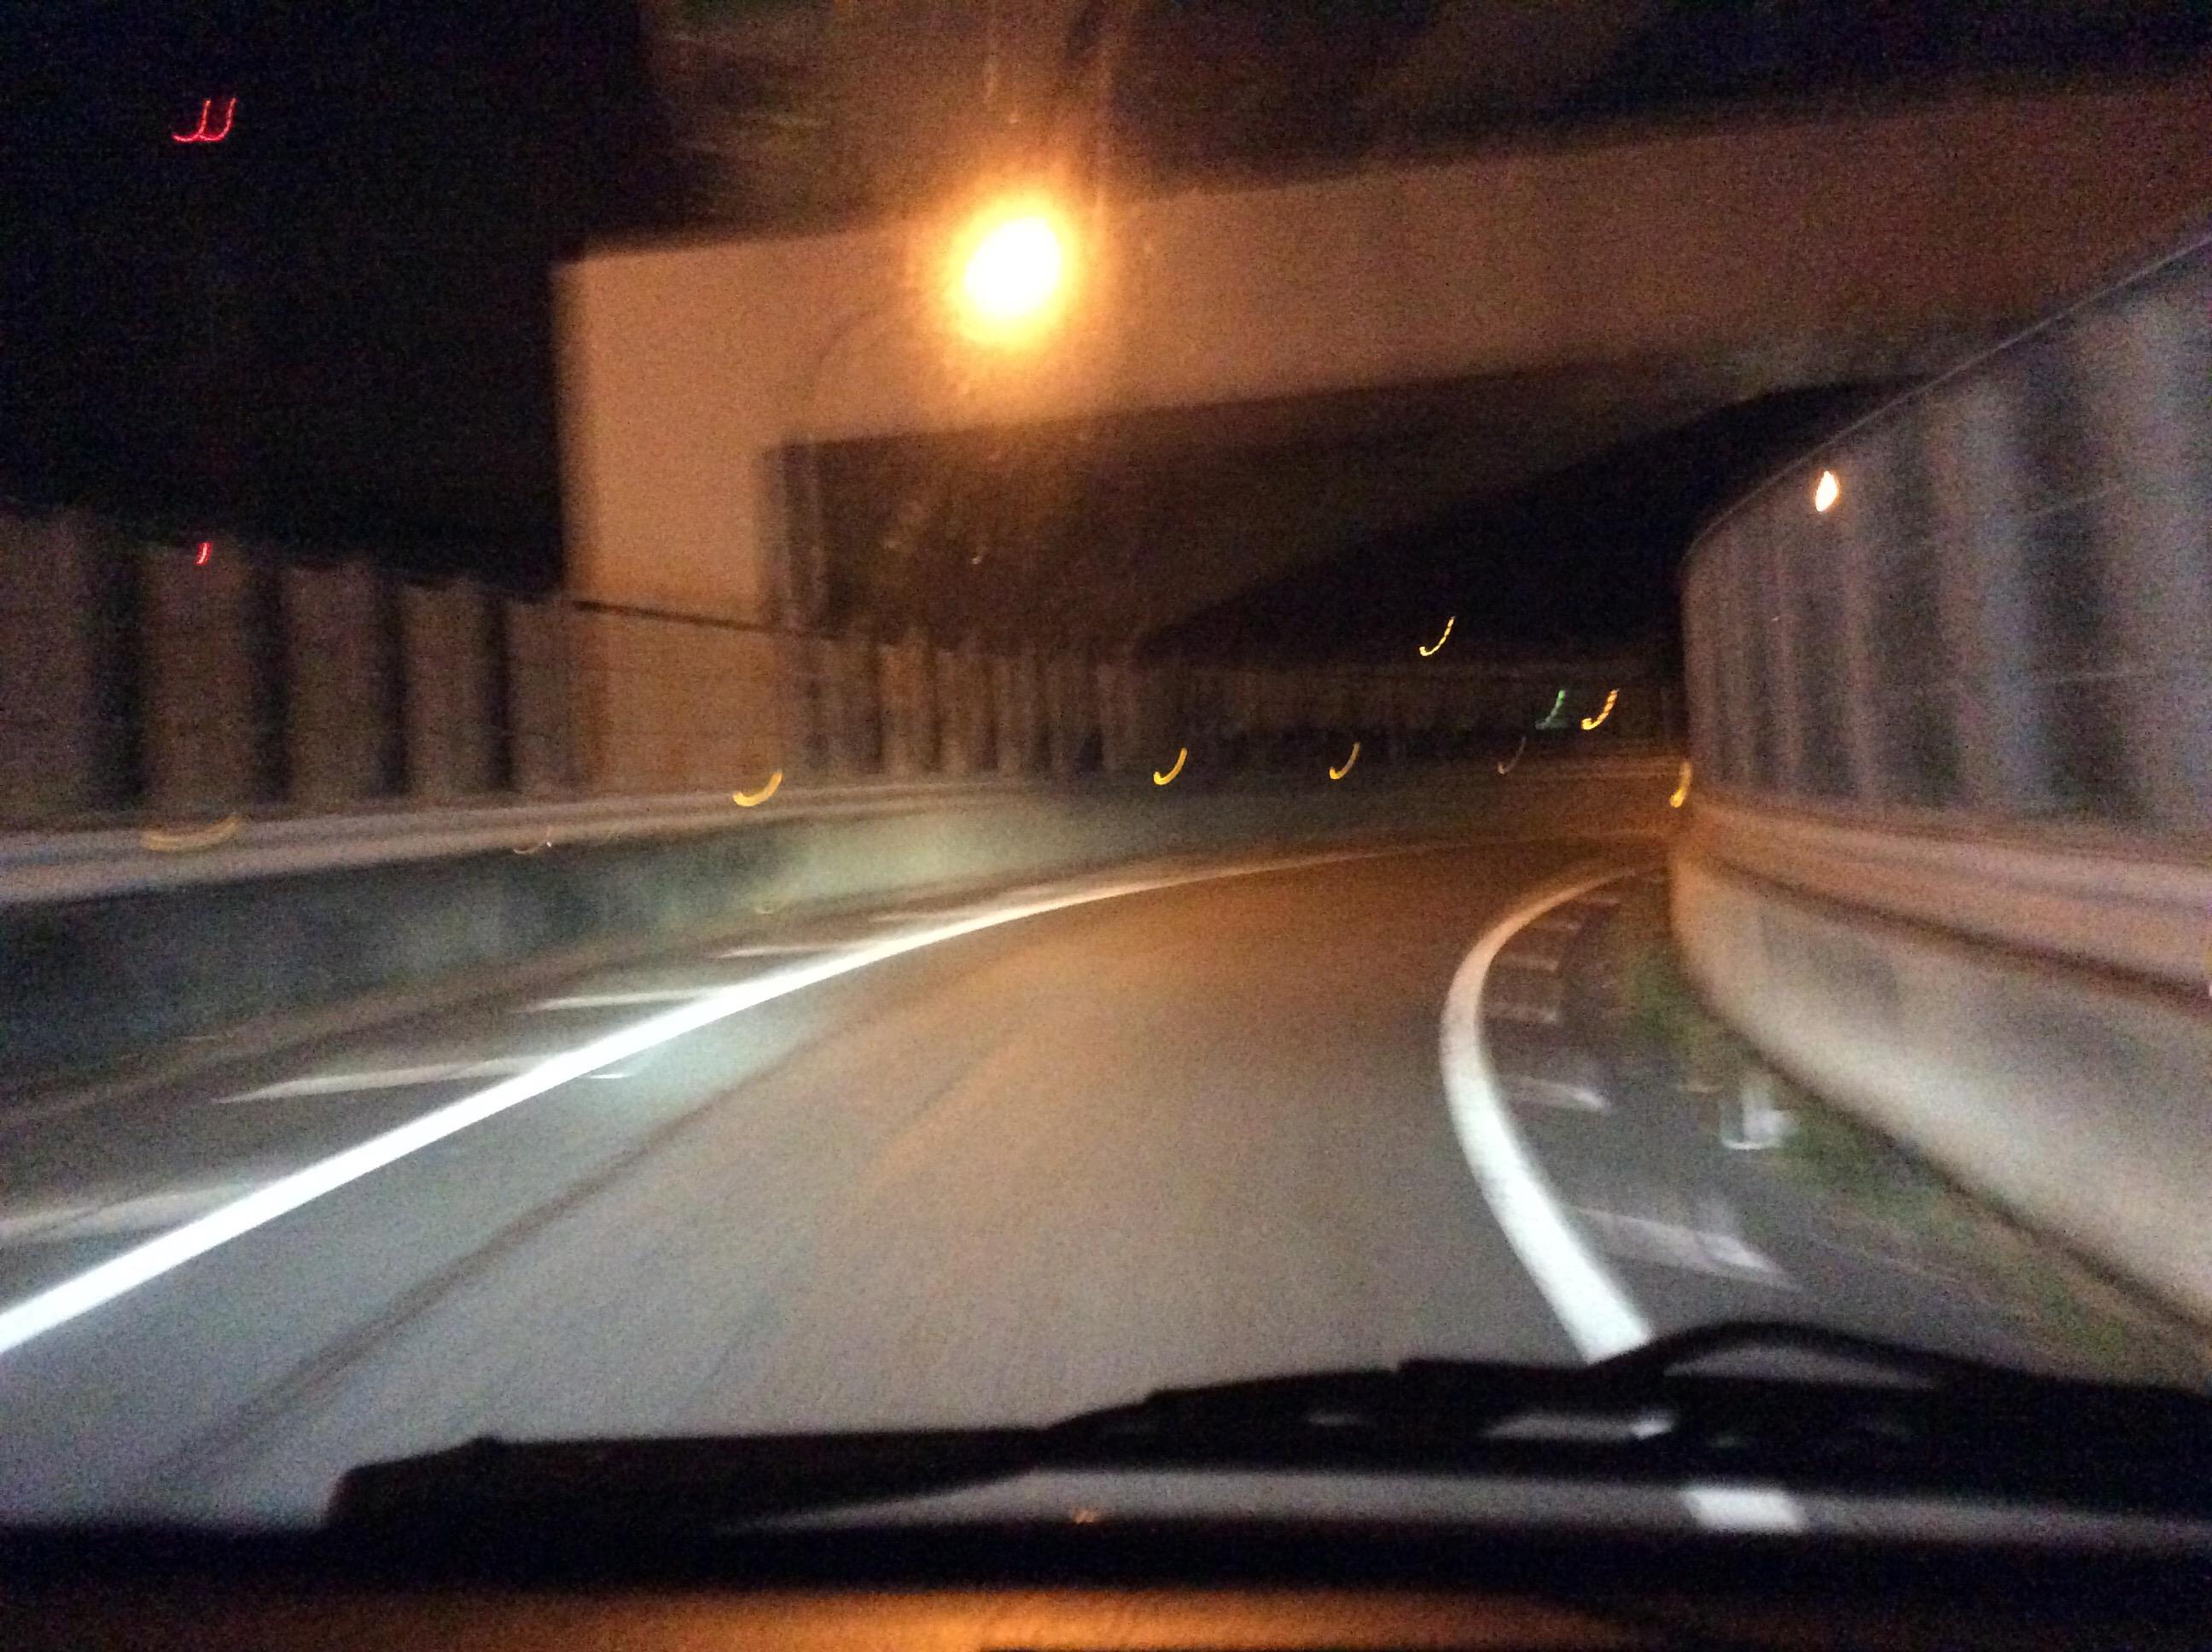 一泊二日で名古屋から車で南にどこまでいけるかやってみる 1